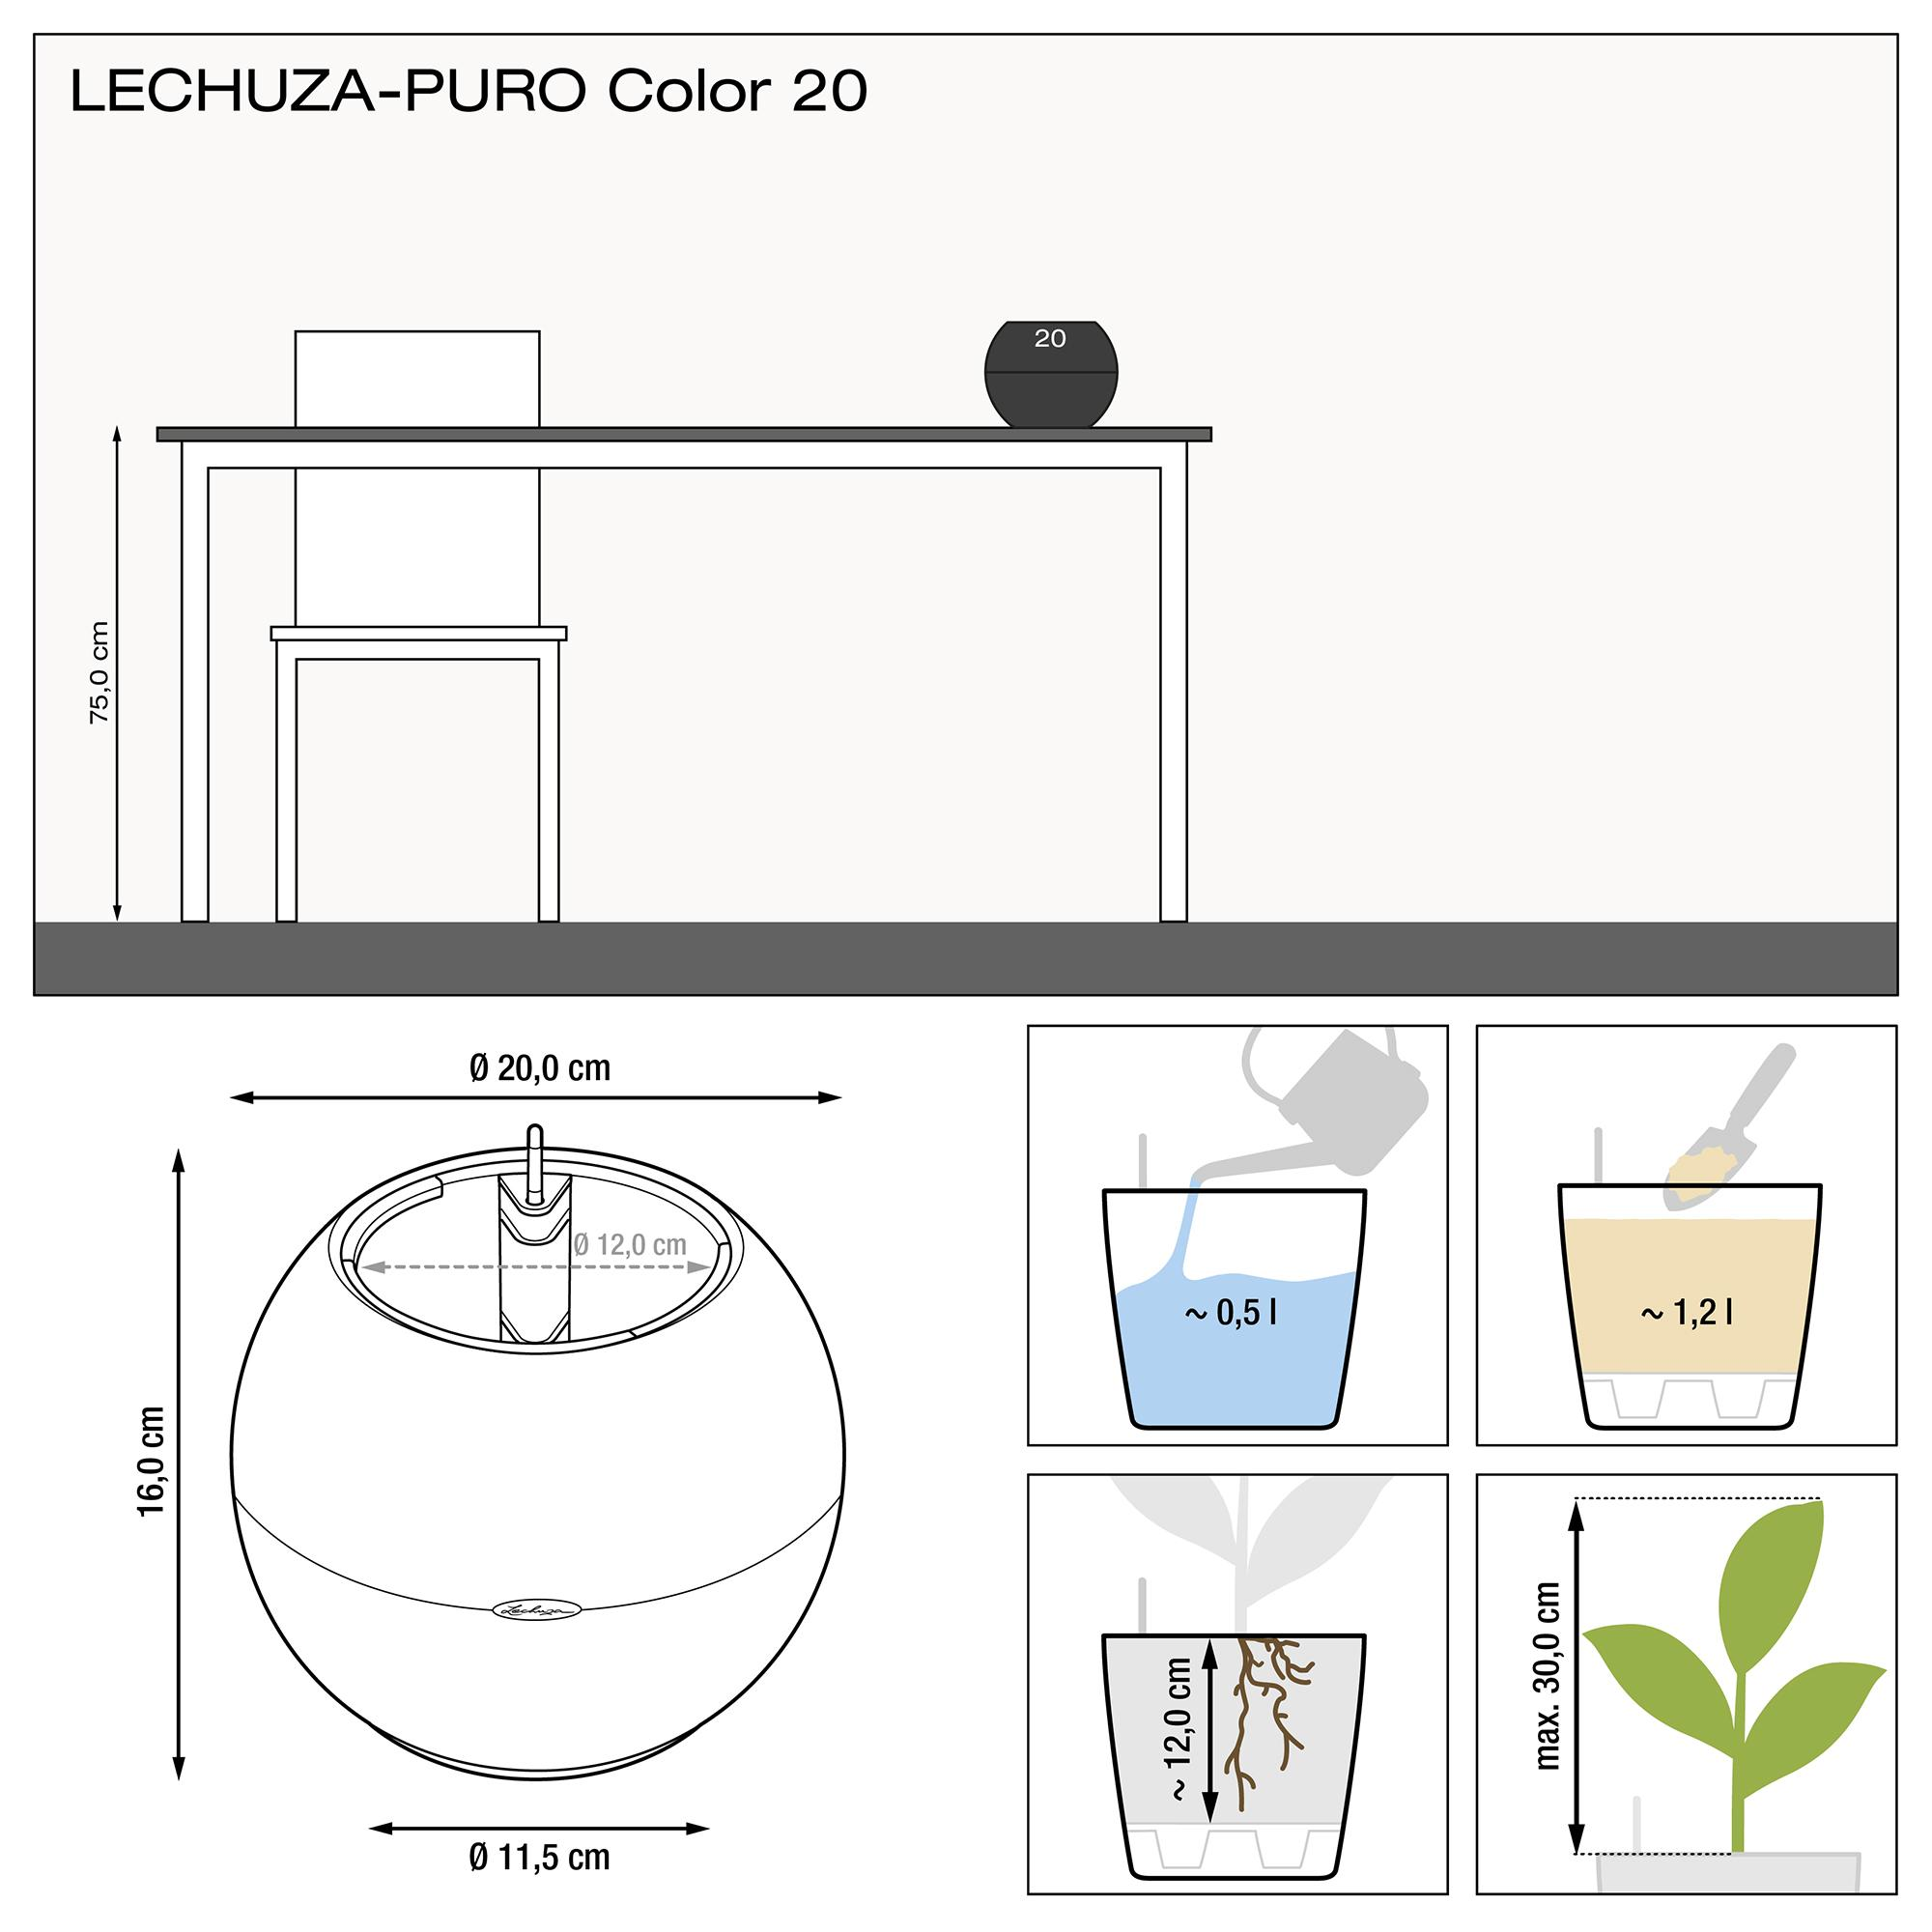 LECHUZA-PURO Color 20 limettengrün - Bild 3